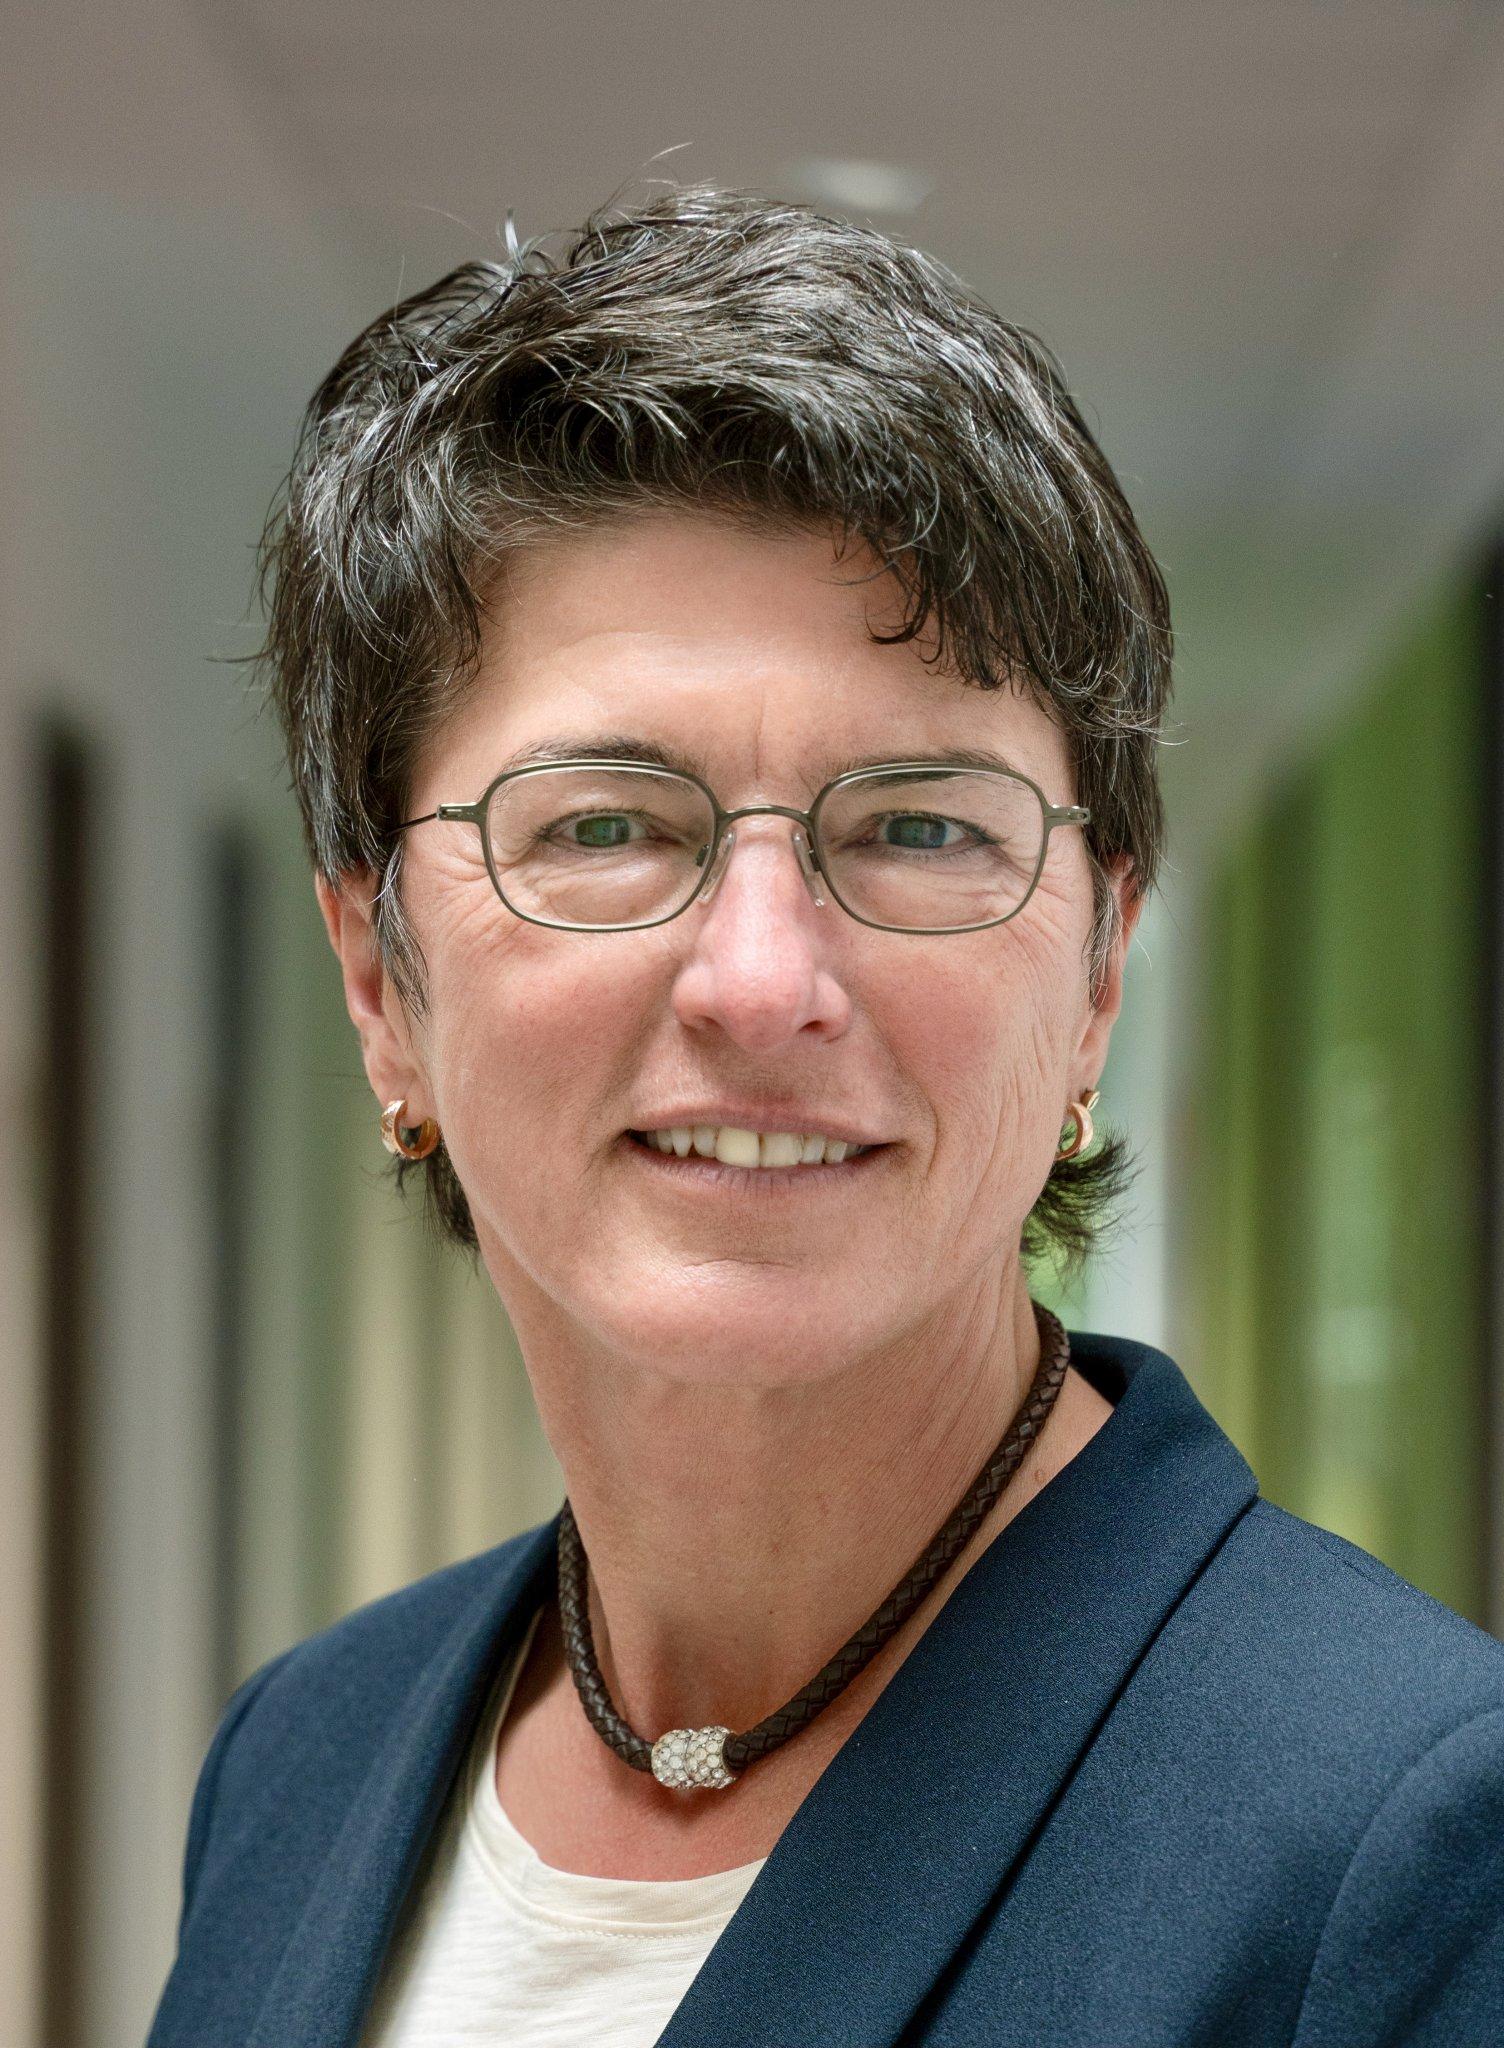 Manuela Eisenwinter